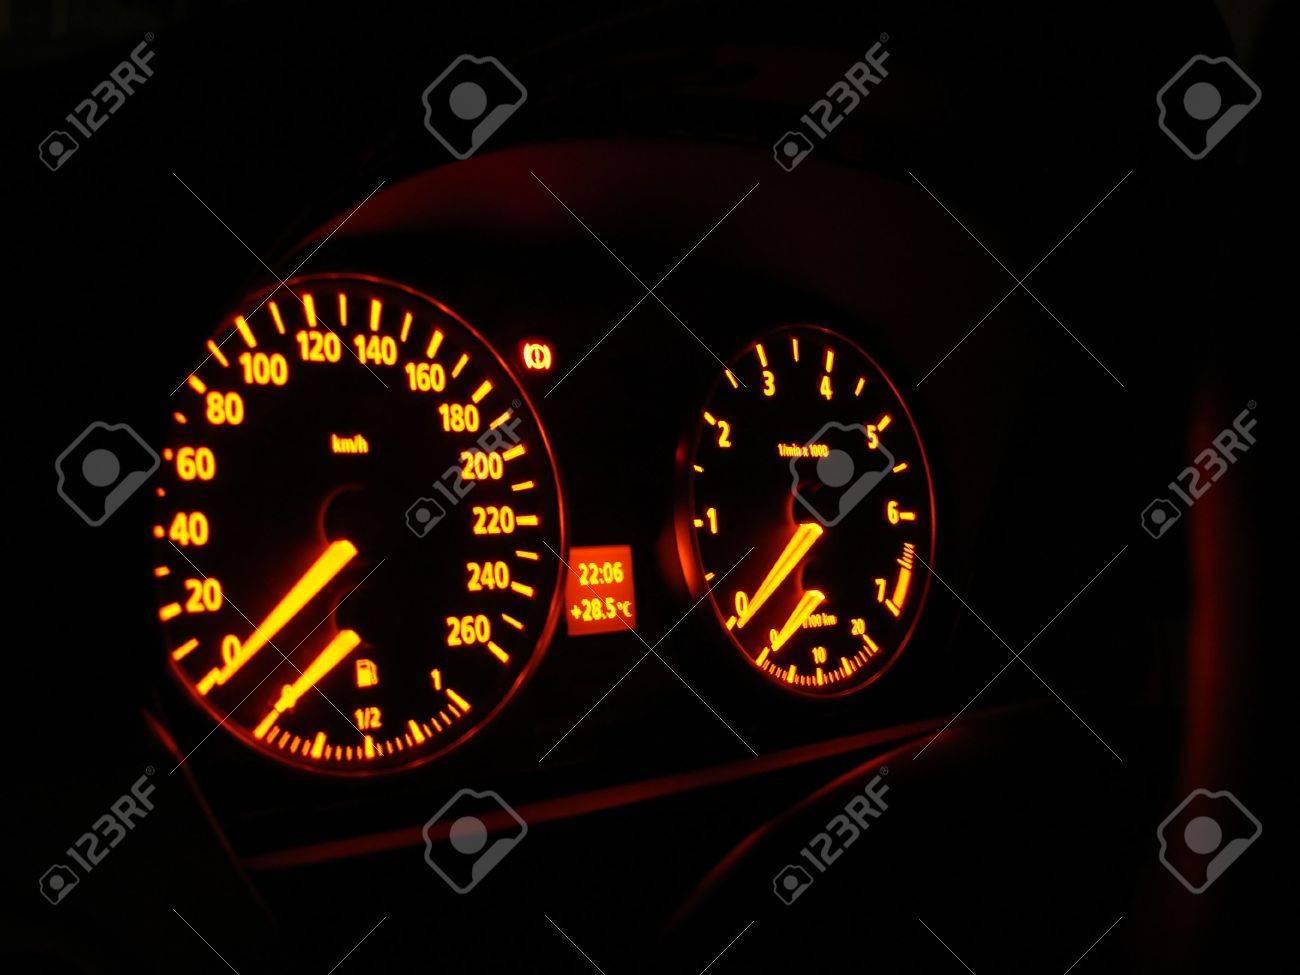 Auto Armaturenbrett Grun Blau Neon Lichtern Lizenzfreie Fotos